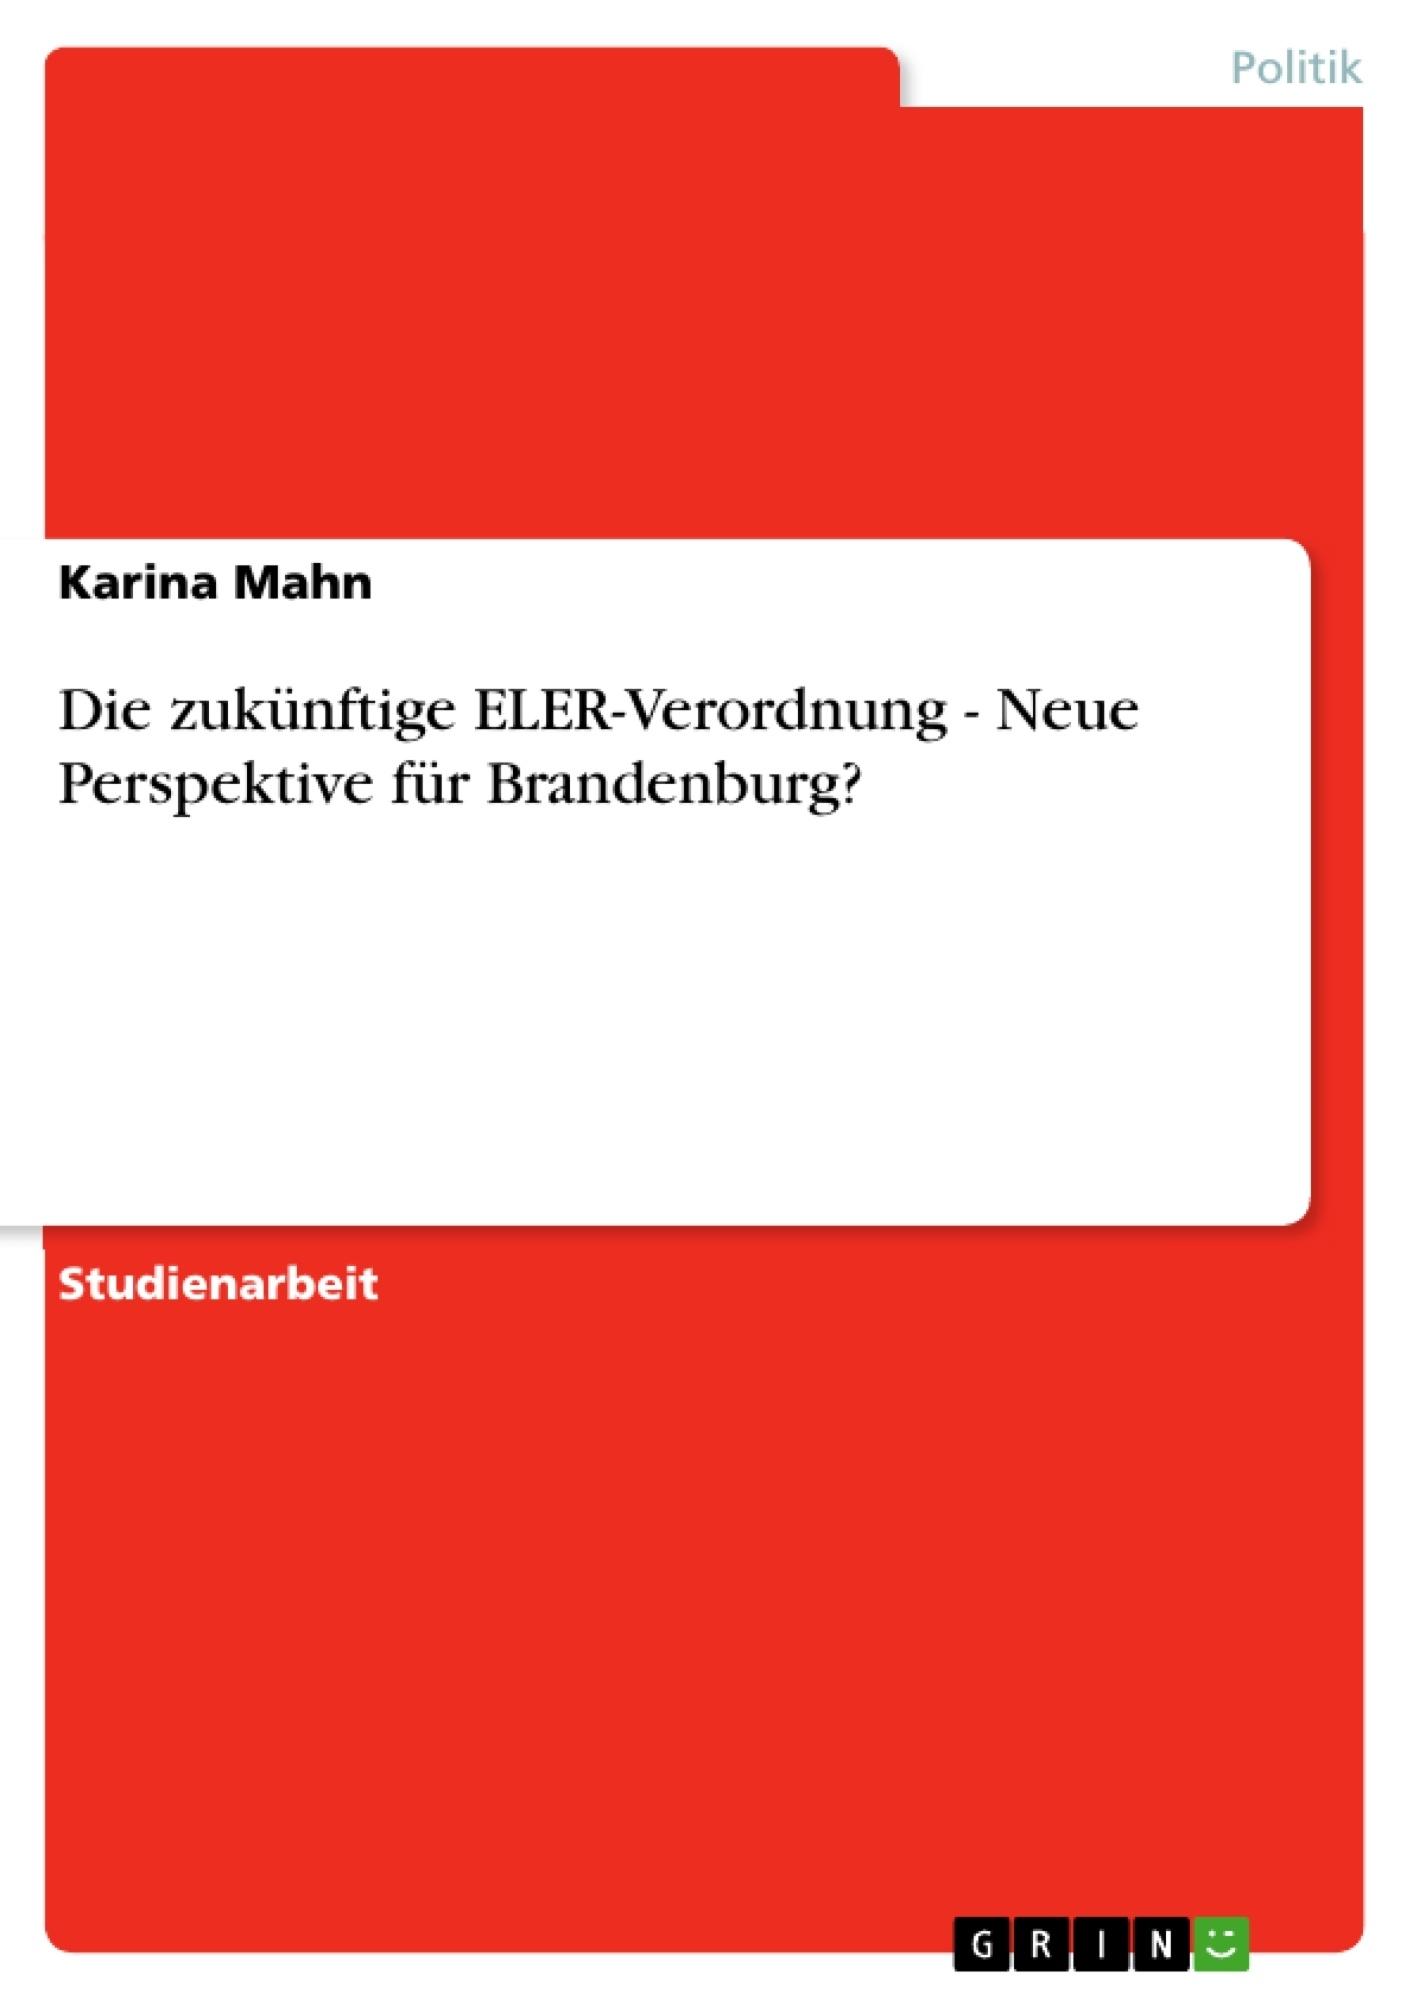 Titel: Die zukünftige ELER-Verordnung - Neue Perspektive für Brandenburg?